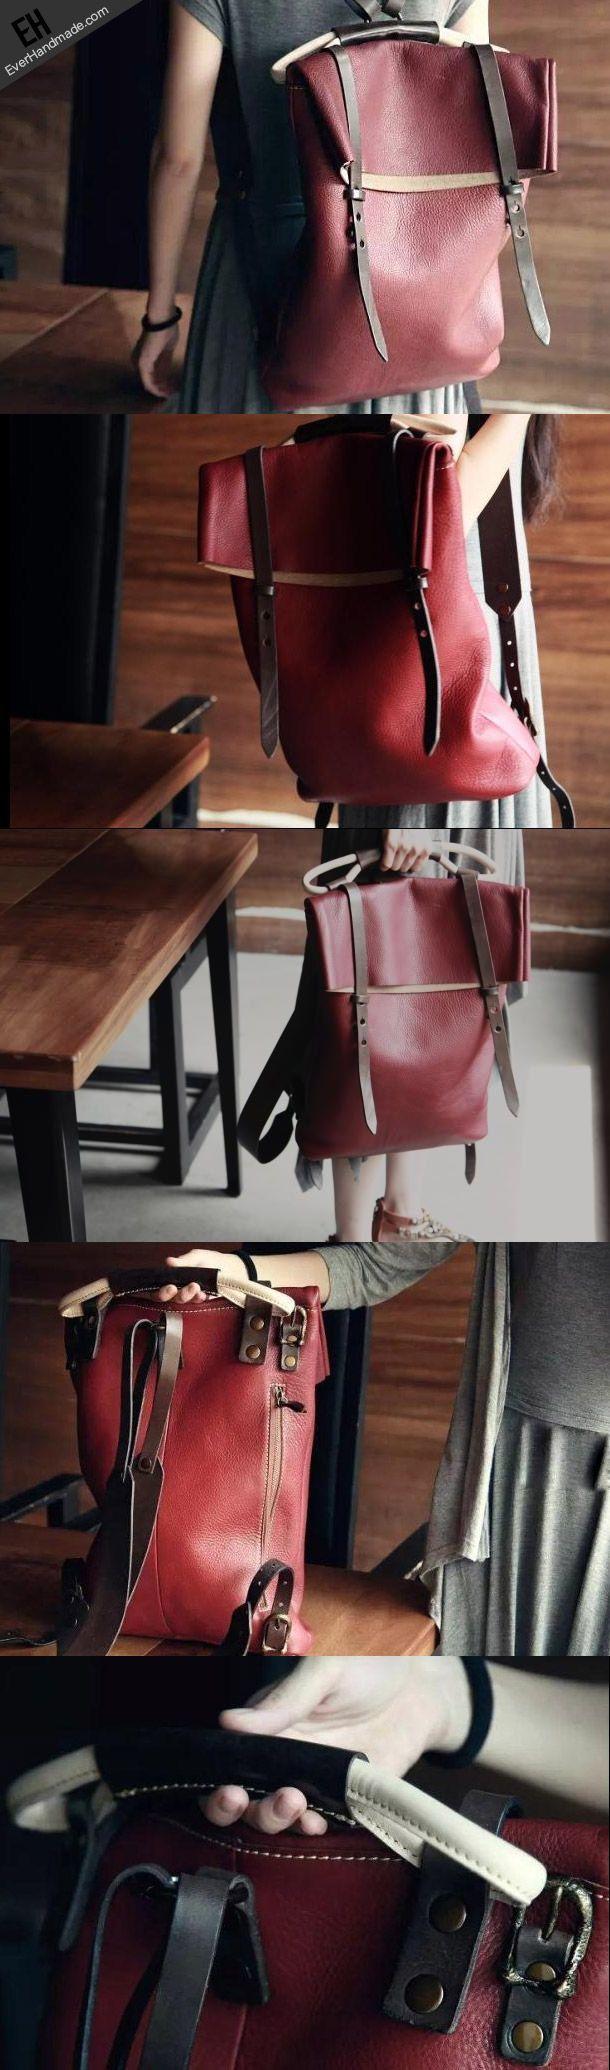 Handmade leather red backpack bags for women  Diese und weitere Taschen auf www.designertaschen-shops.de entdecken - cheap designer bags, womens bags, red bag *ad